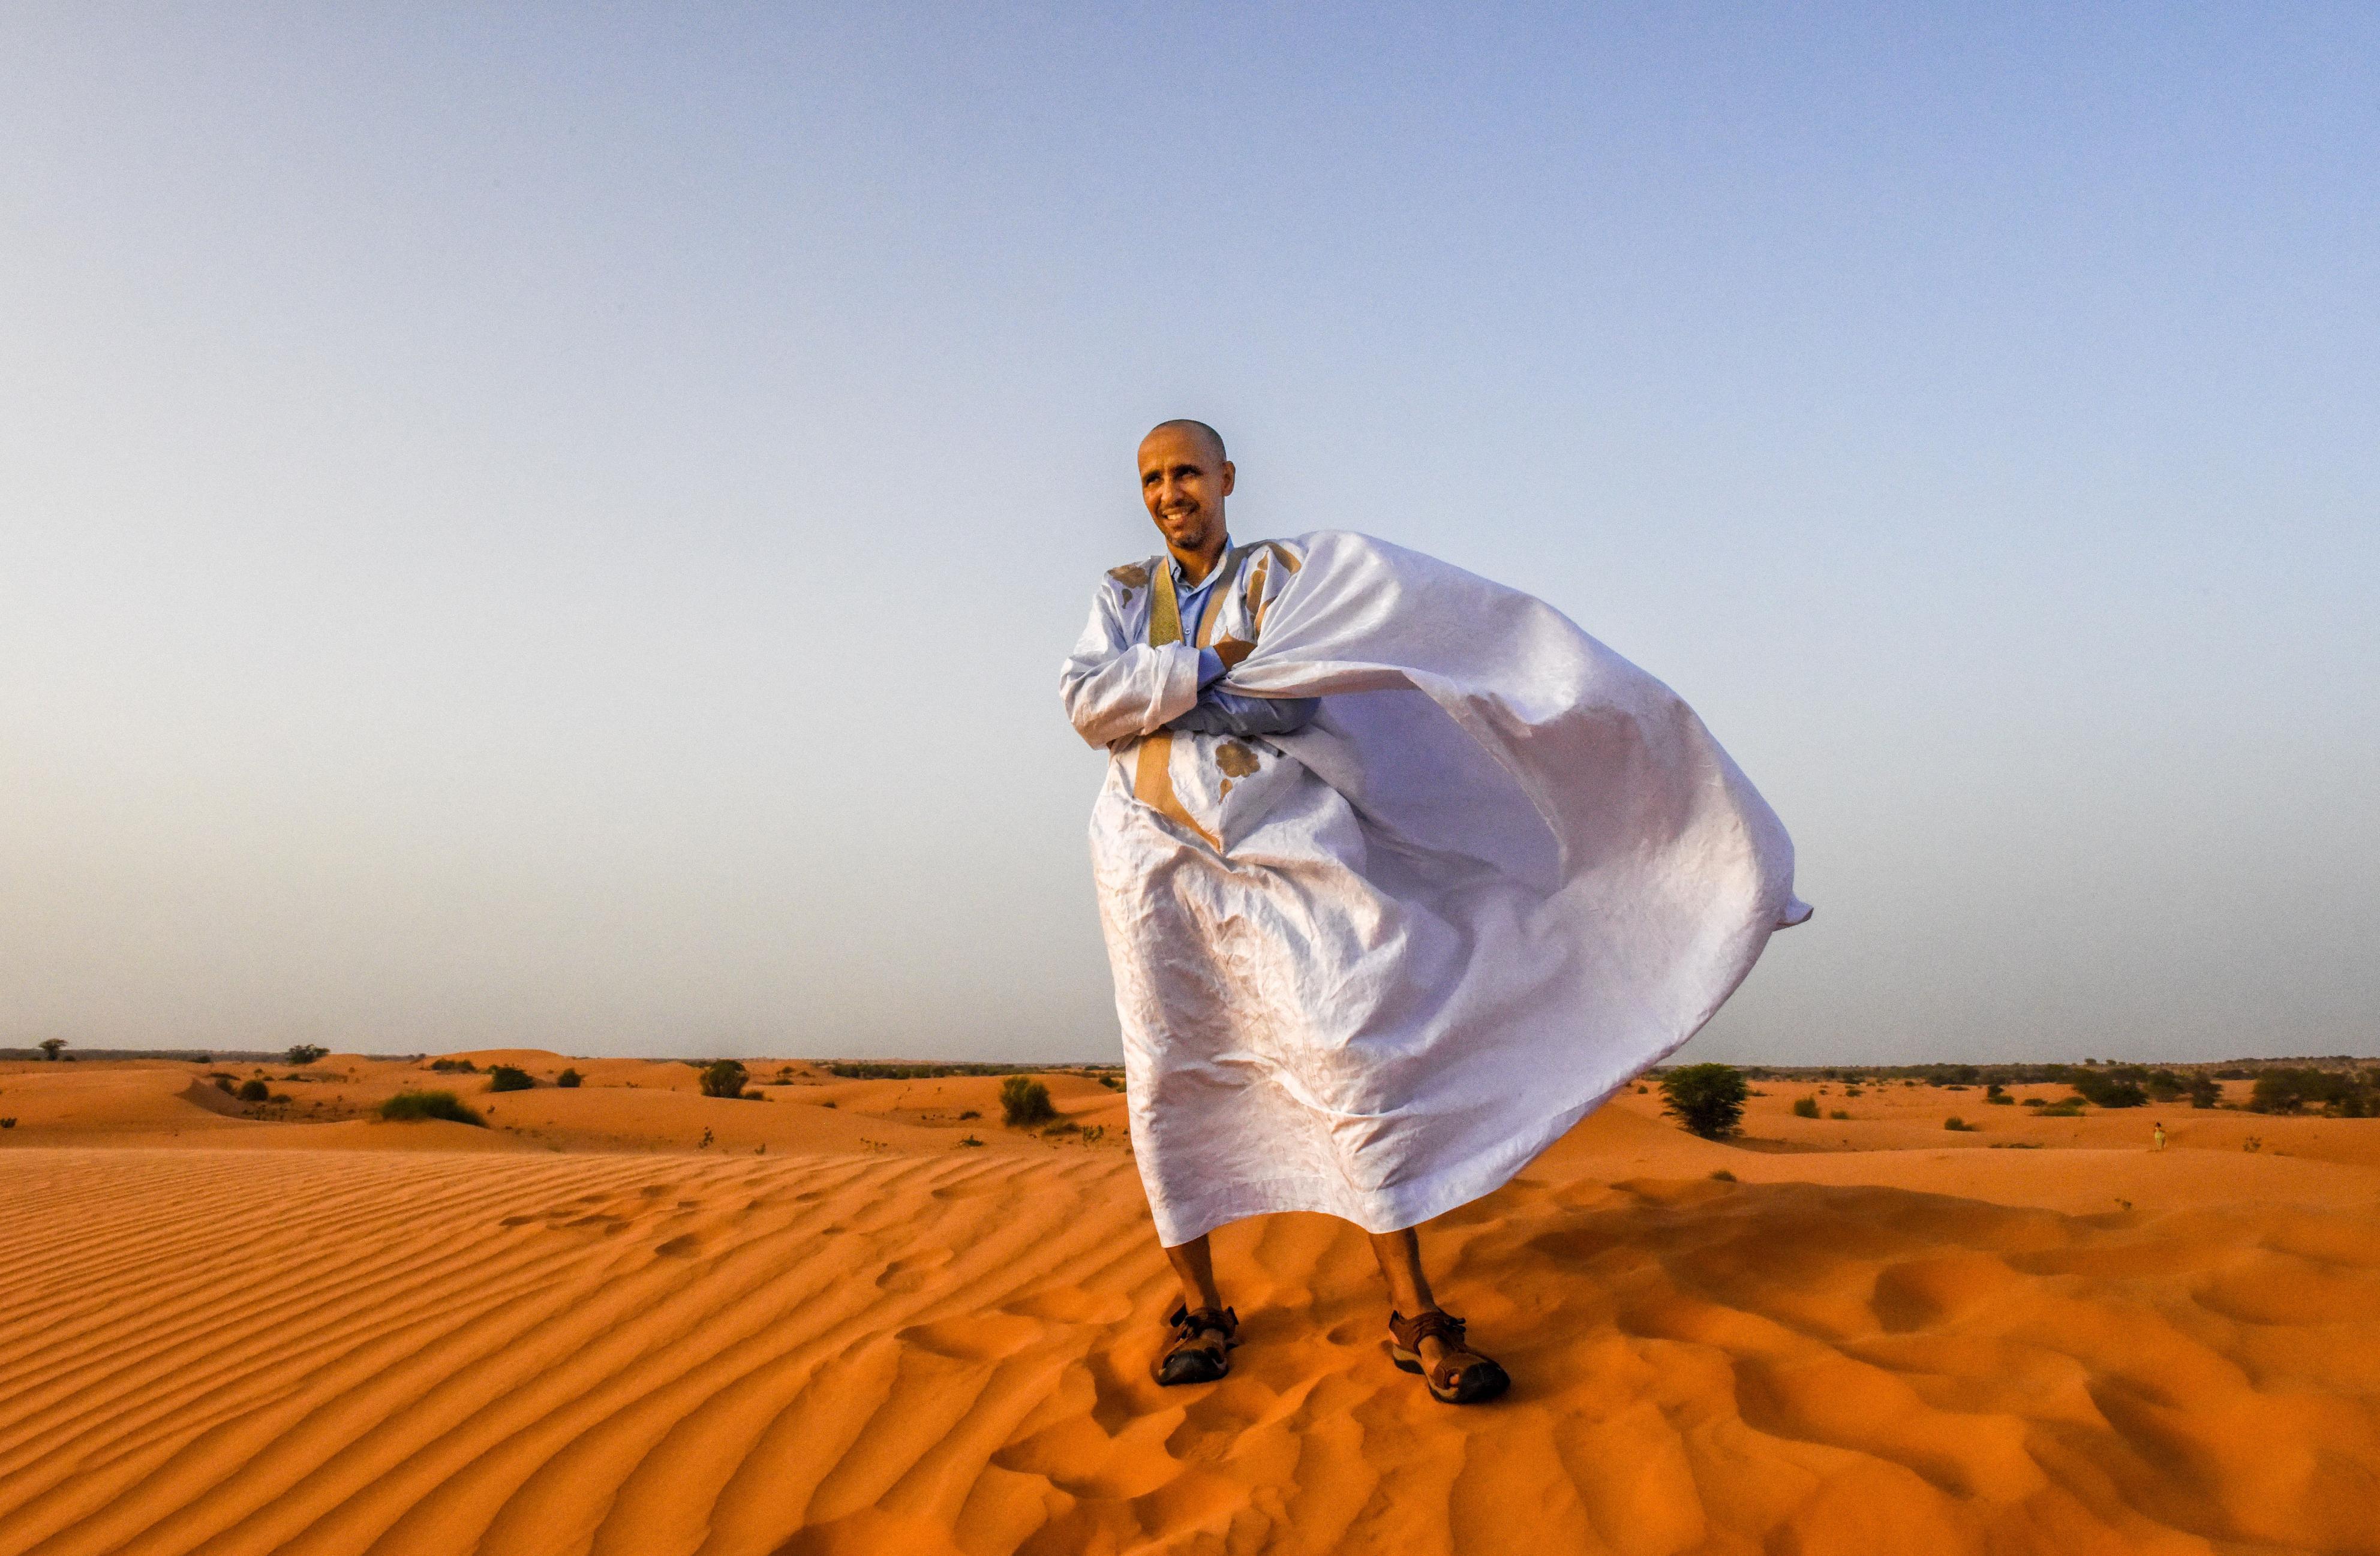 モーリタニアの首都ヌアクショット郊外の砂漠に立つモハメドゥ・スラヒ。強い風で民族衣装がはためき、夕日が砂地を赤く染める。足跡は翌朝までには消えるという。ラクダと砂漠はモハメドゥの子ども時代の思い出でもある(撮影・中野智明、共同)